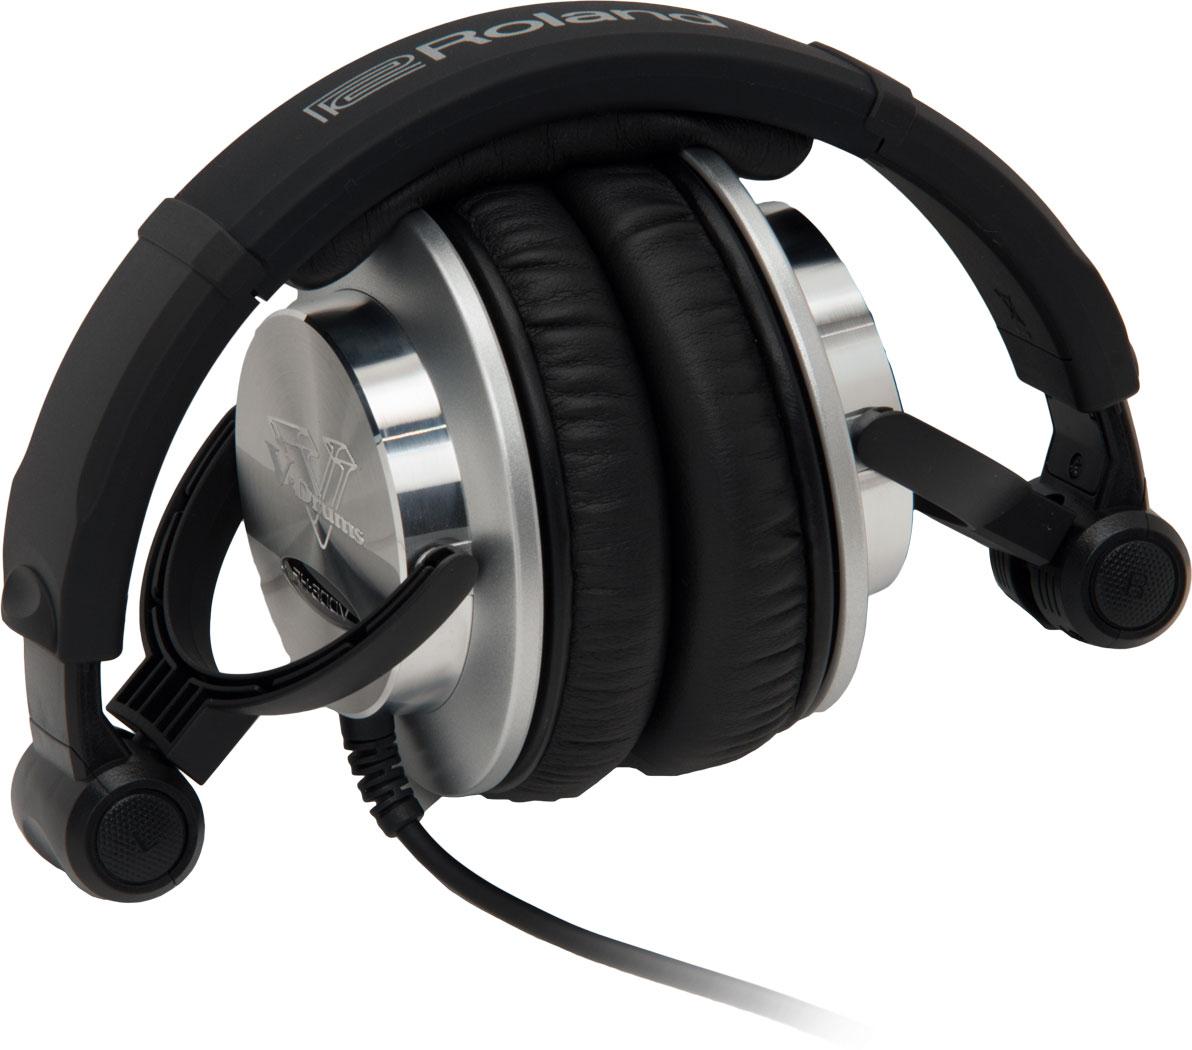 roland rh-300v v-drums headphones folded